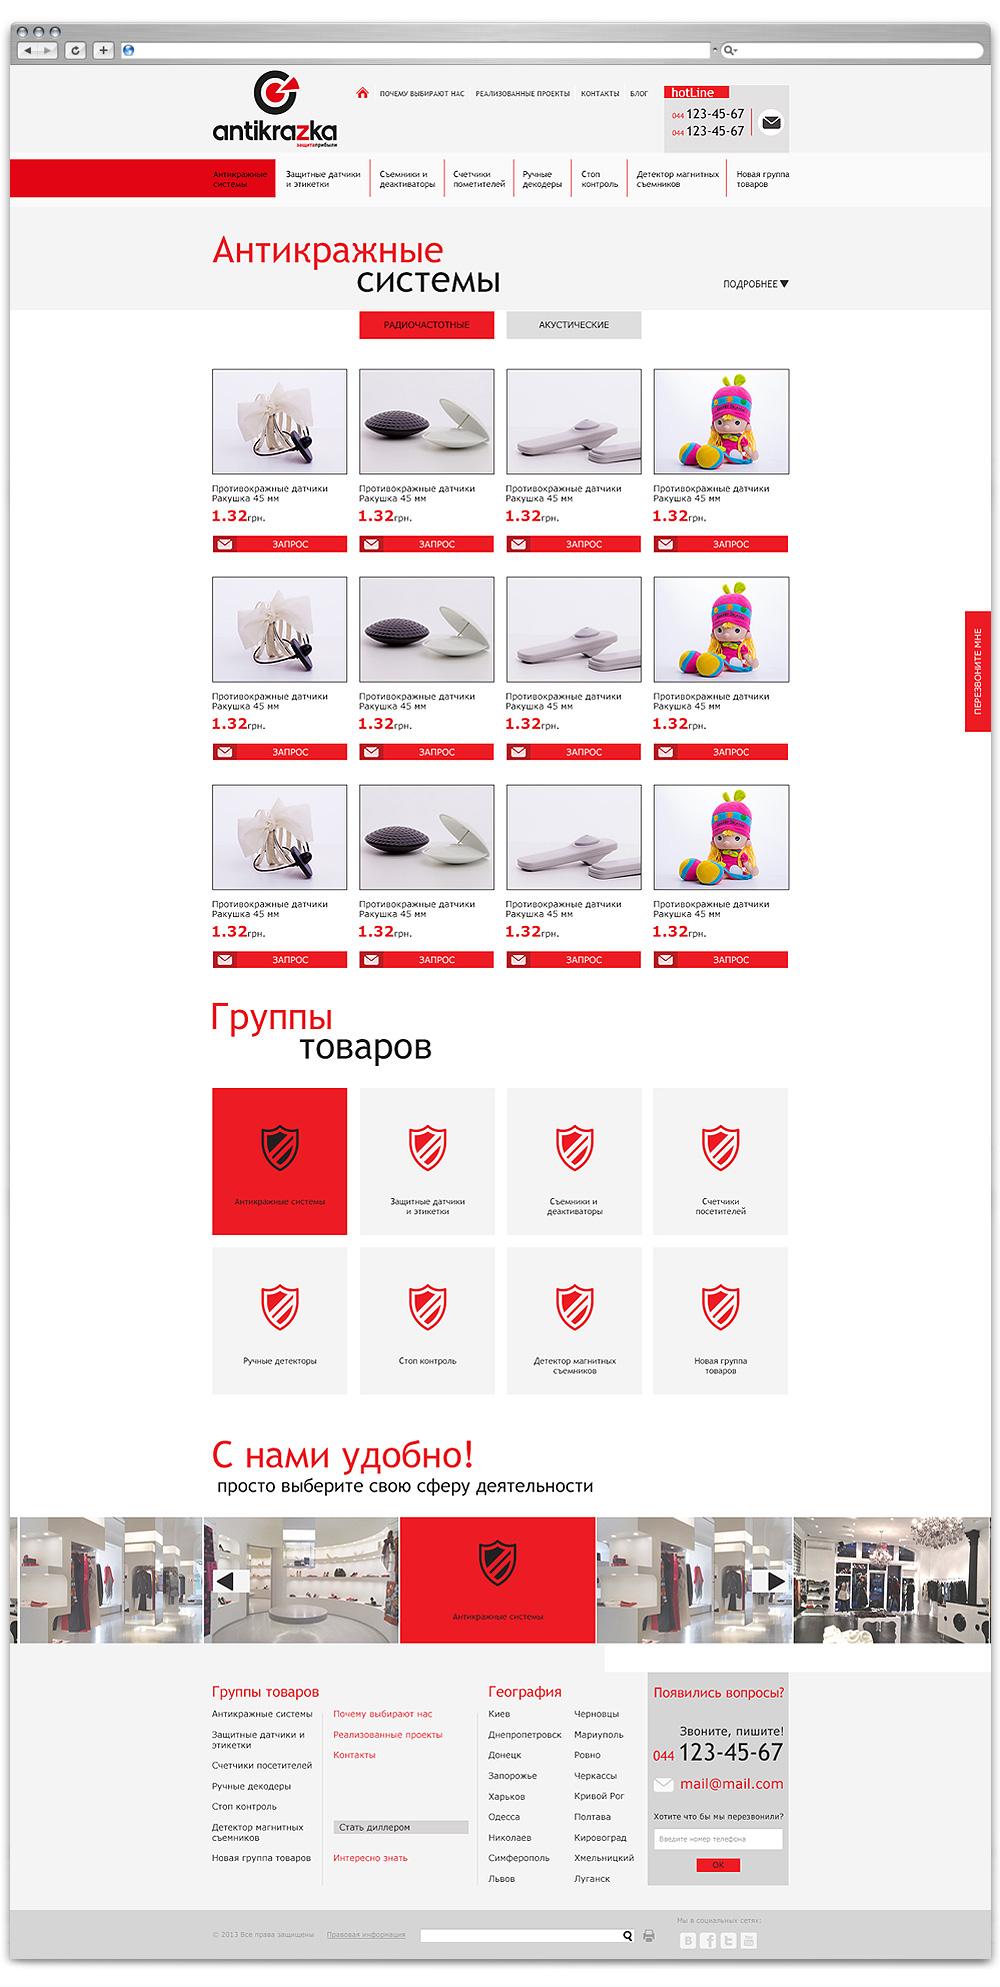 Одна из страниц ассортимента группы товаров